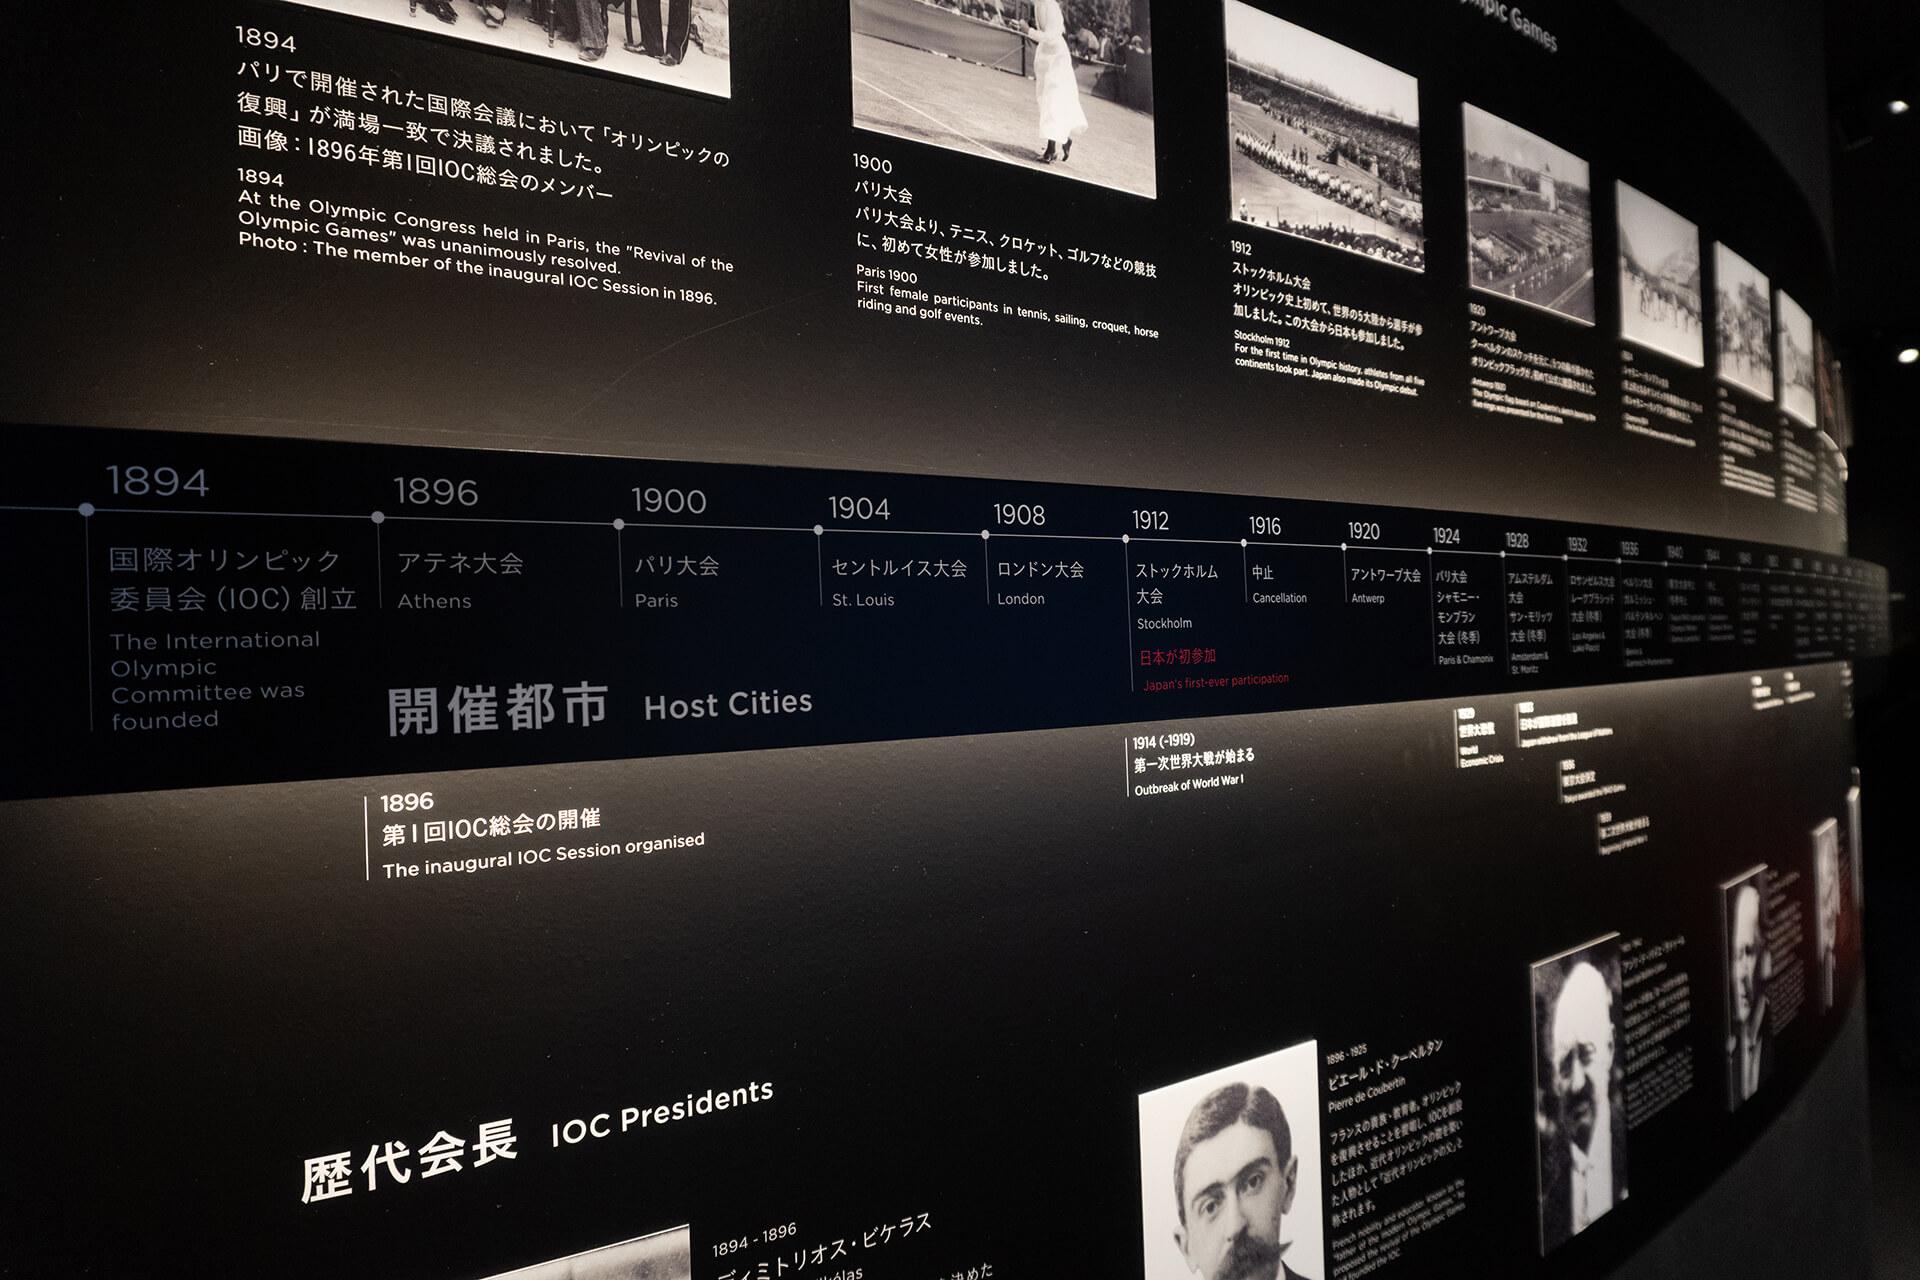 日本オリンピックミュージアム・歴史